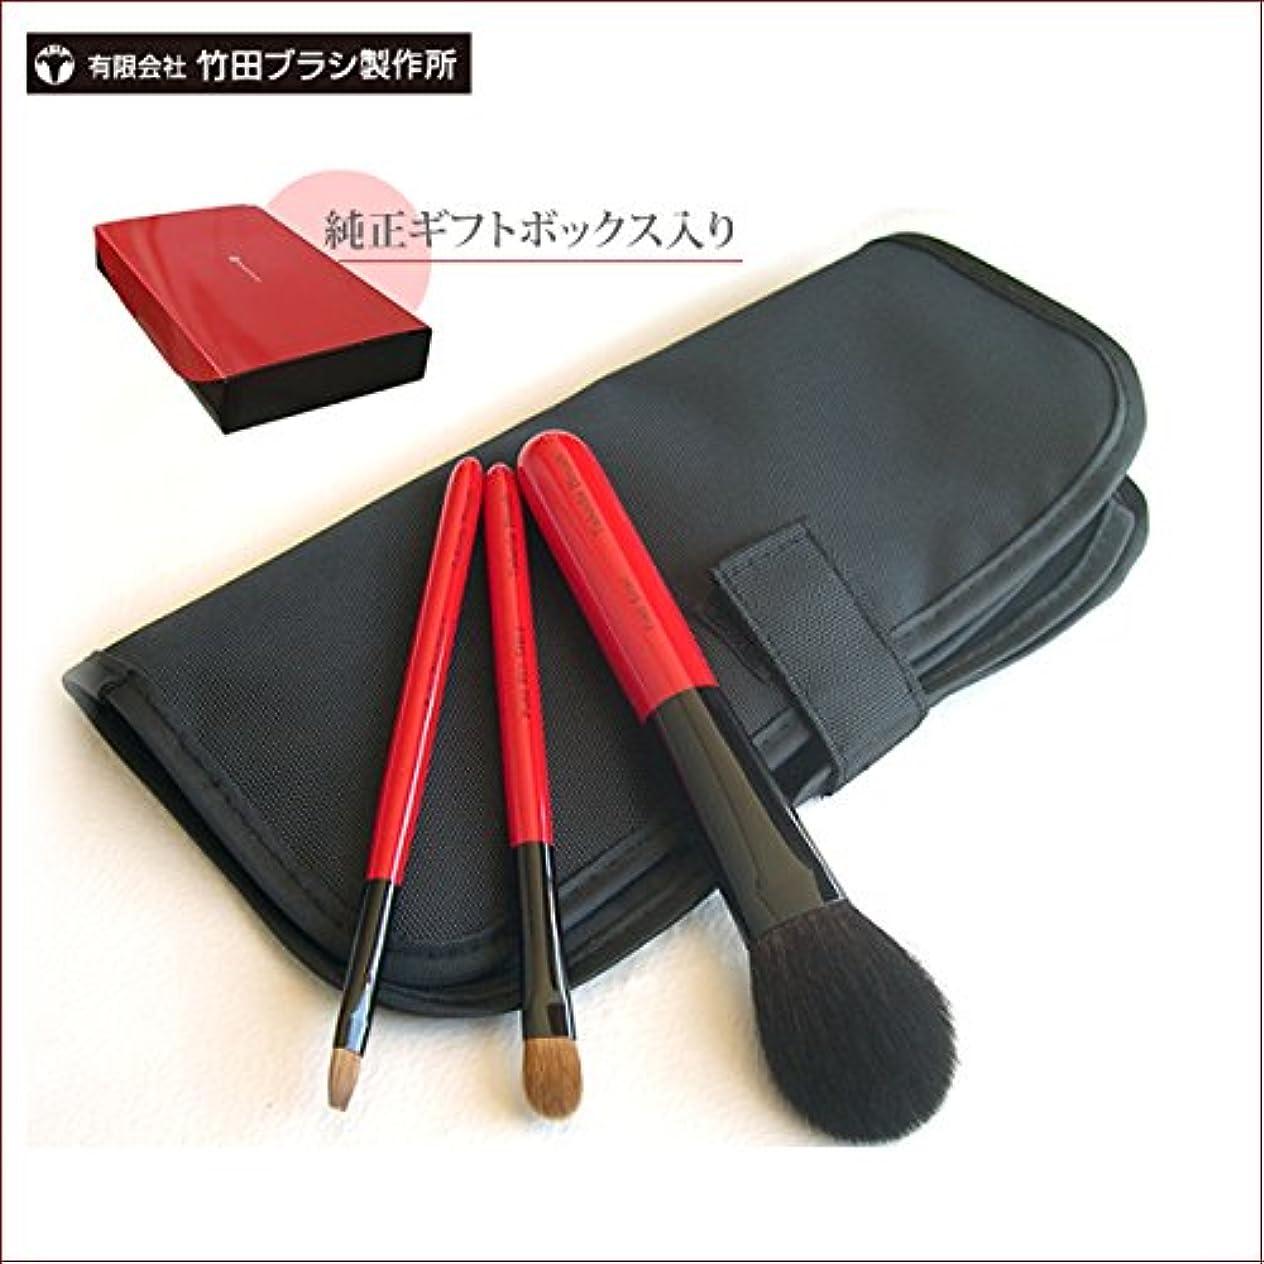 リゾート和解するリズム有限会社竹田ブラシ製作所の熊野化粧筆 特別3本セット (純正ギフトボックス入り)